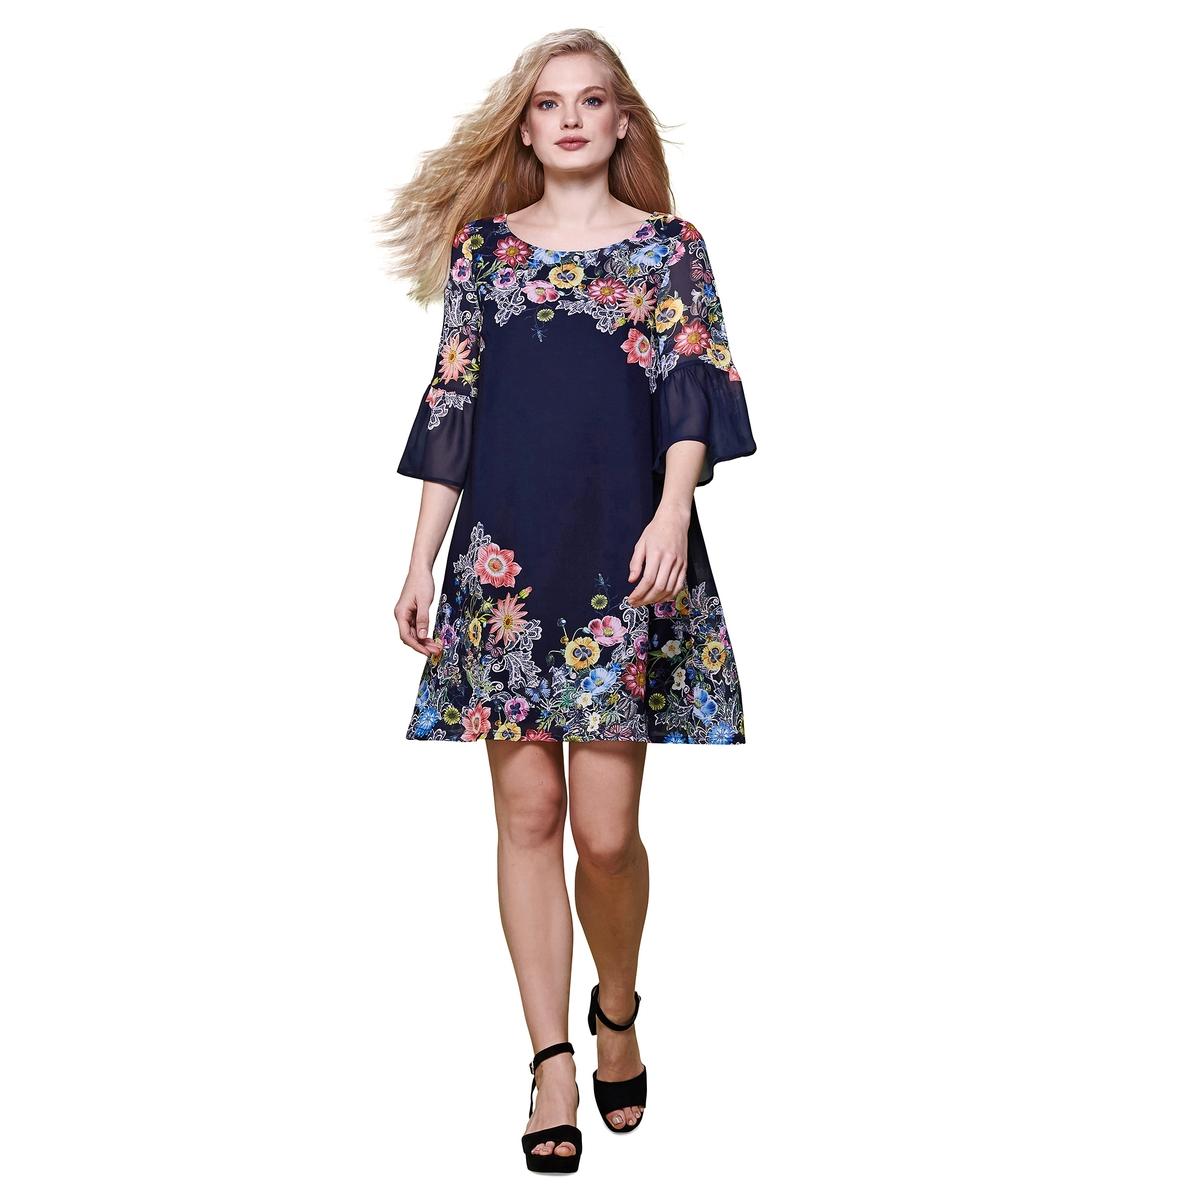 Платье расклешенное с рукавами 3/4 и цветочным рисункомМатериал : 100% полиэстер  Длина рукава : рукава 3/4  Форма воротника : круглый вырез Покрой платья : платье прямого покроя    Рисунок : цветочный   Длина платья : короткое<br><br>Цвет: темно-синий<br>Размер: 42 (FR) - 48 (RUS).38 (FR) - 44 (RUS)